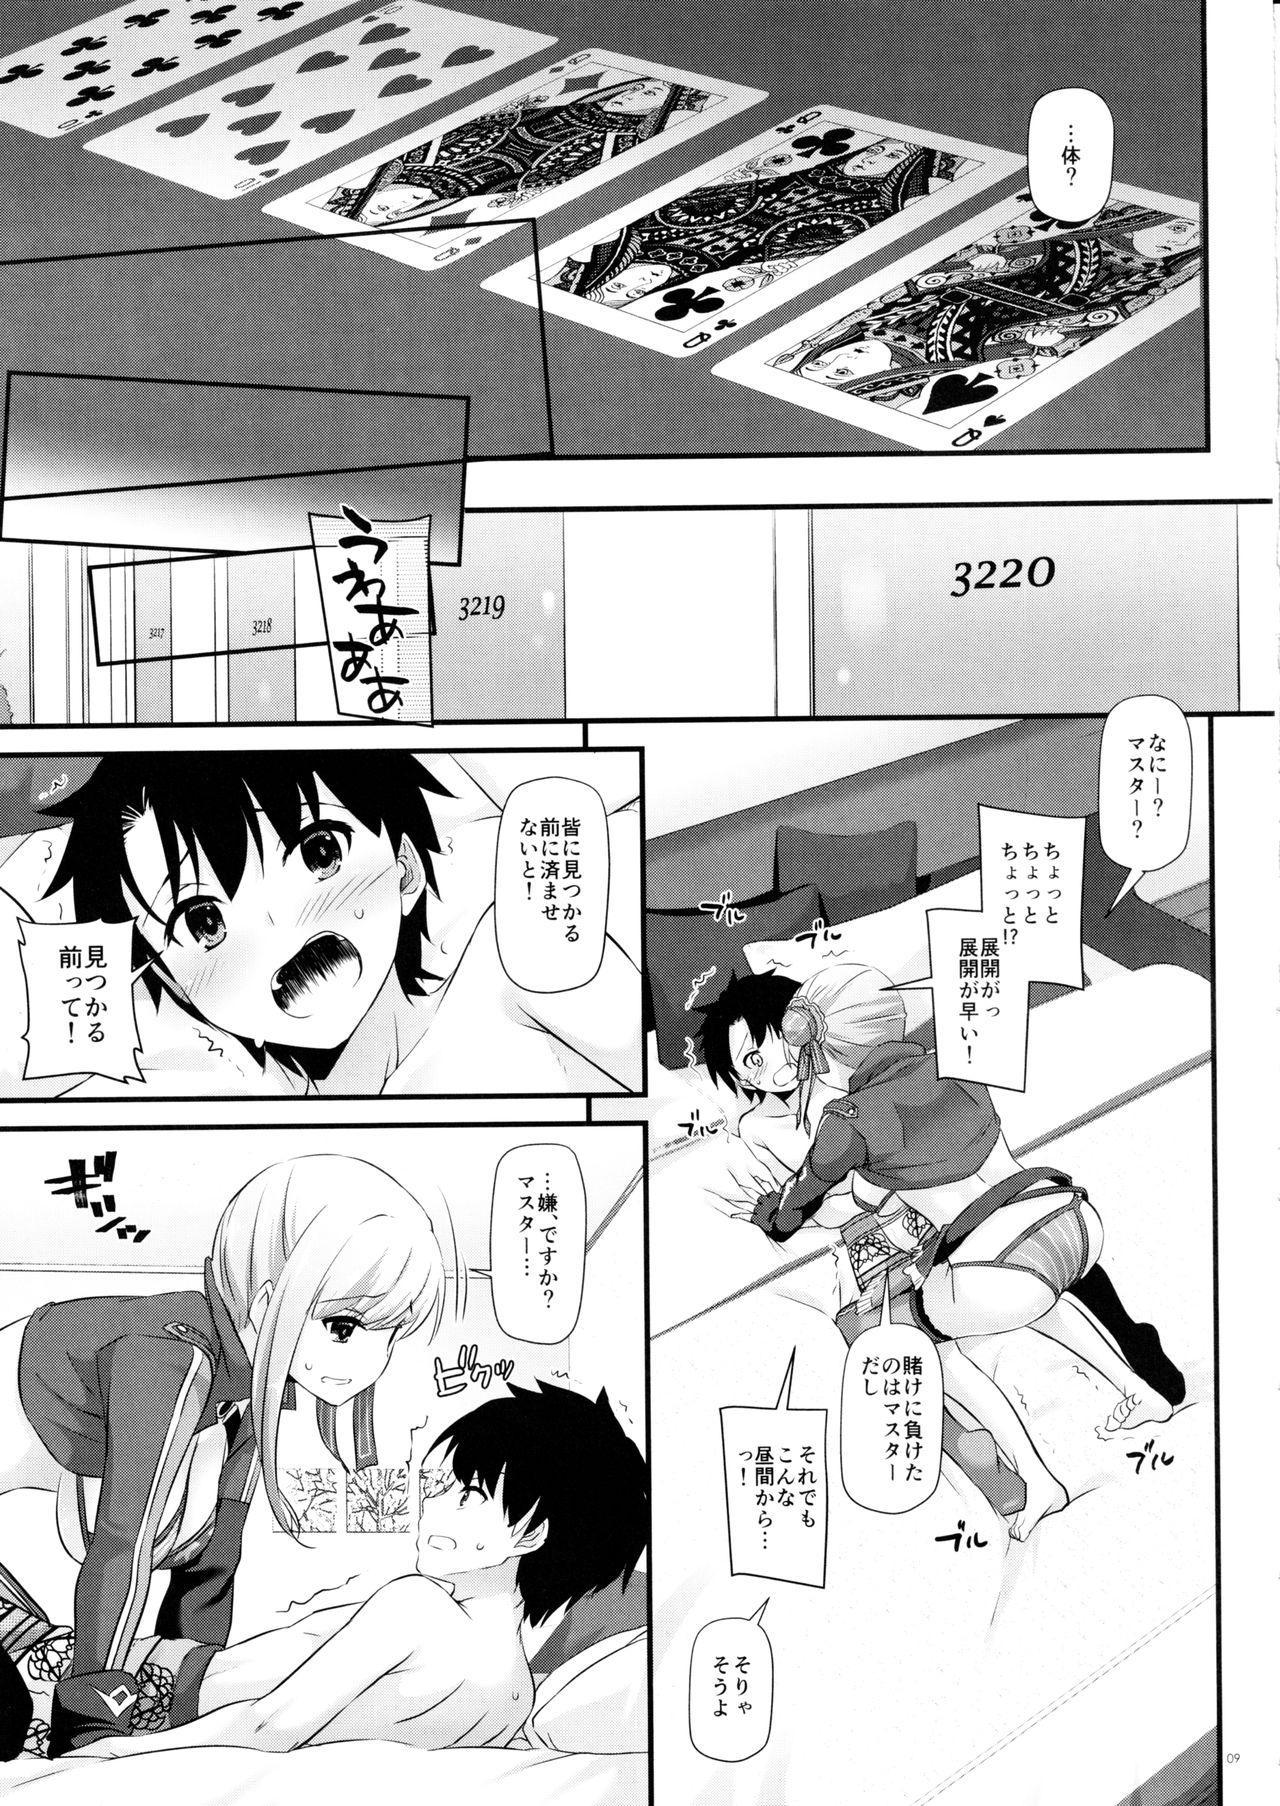 D.L. action 127 Musashi-chan no Mizugi Kengou Irogoto Shoubu 7